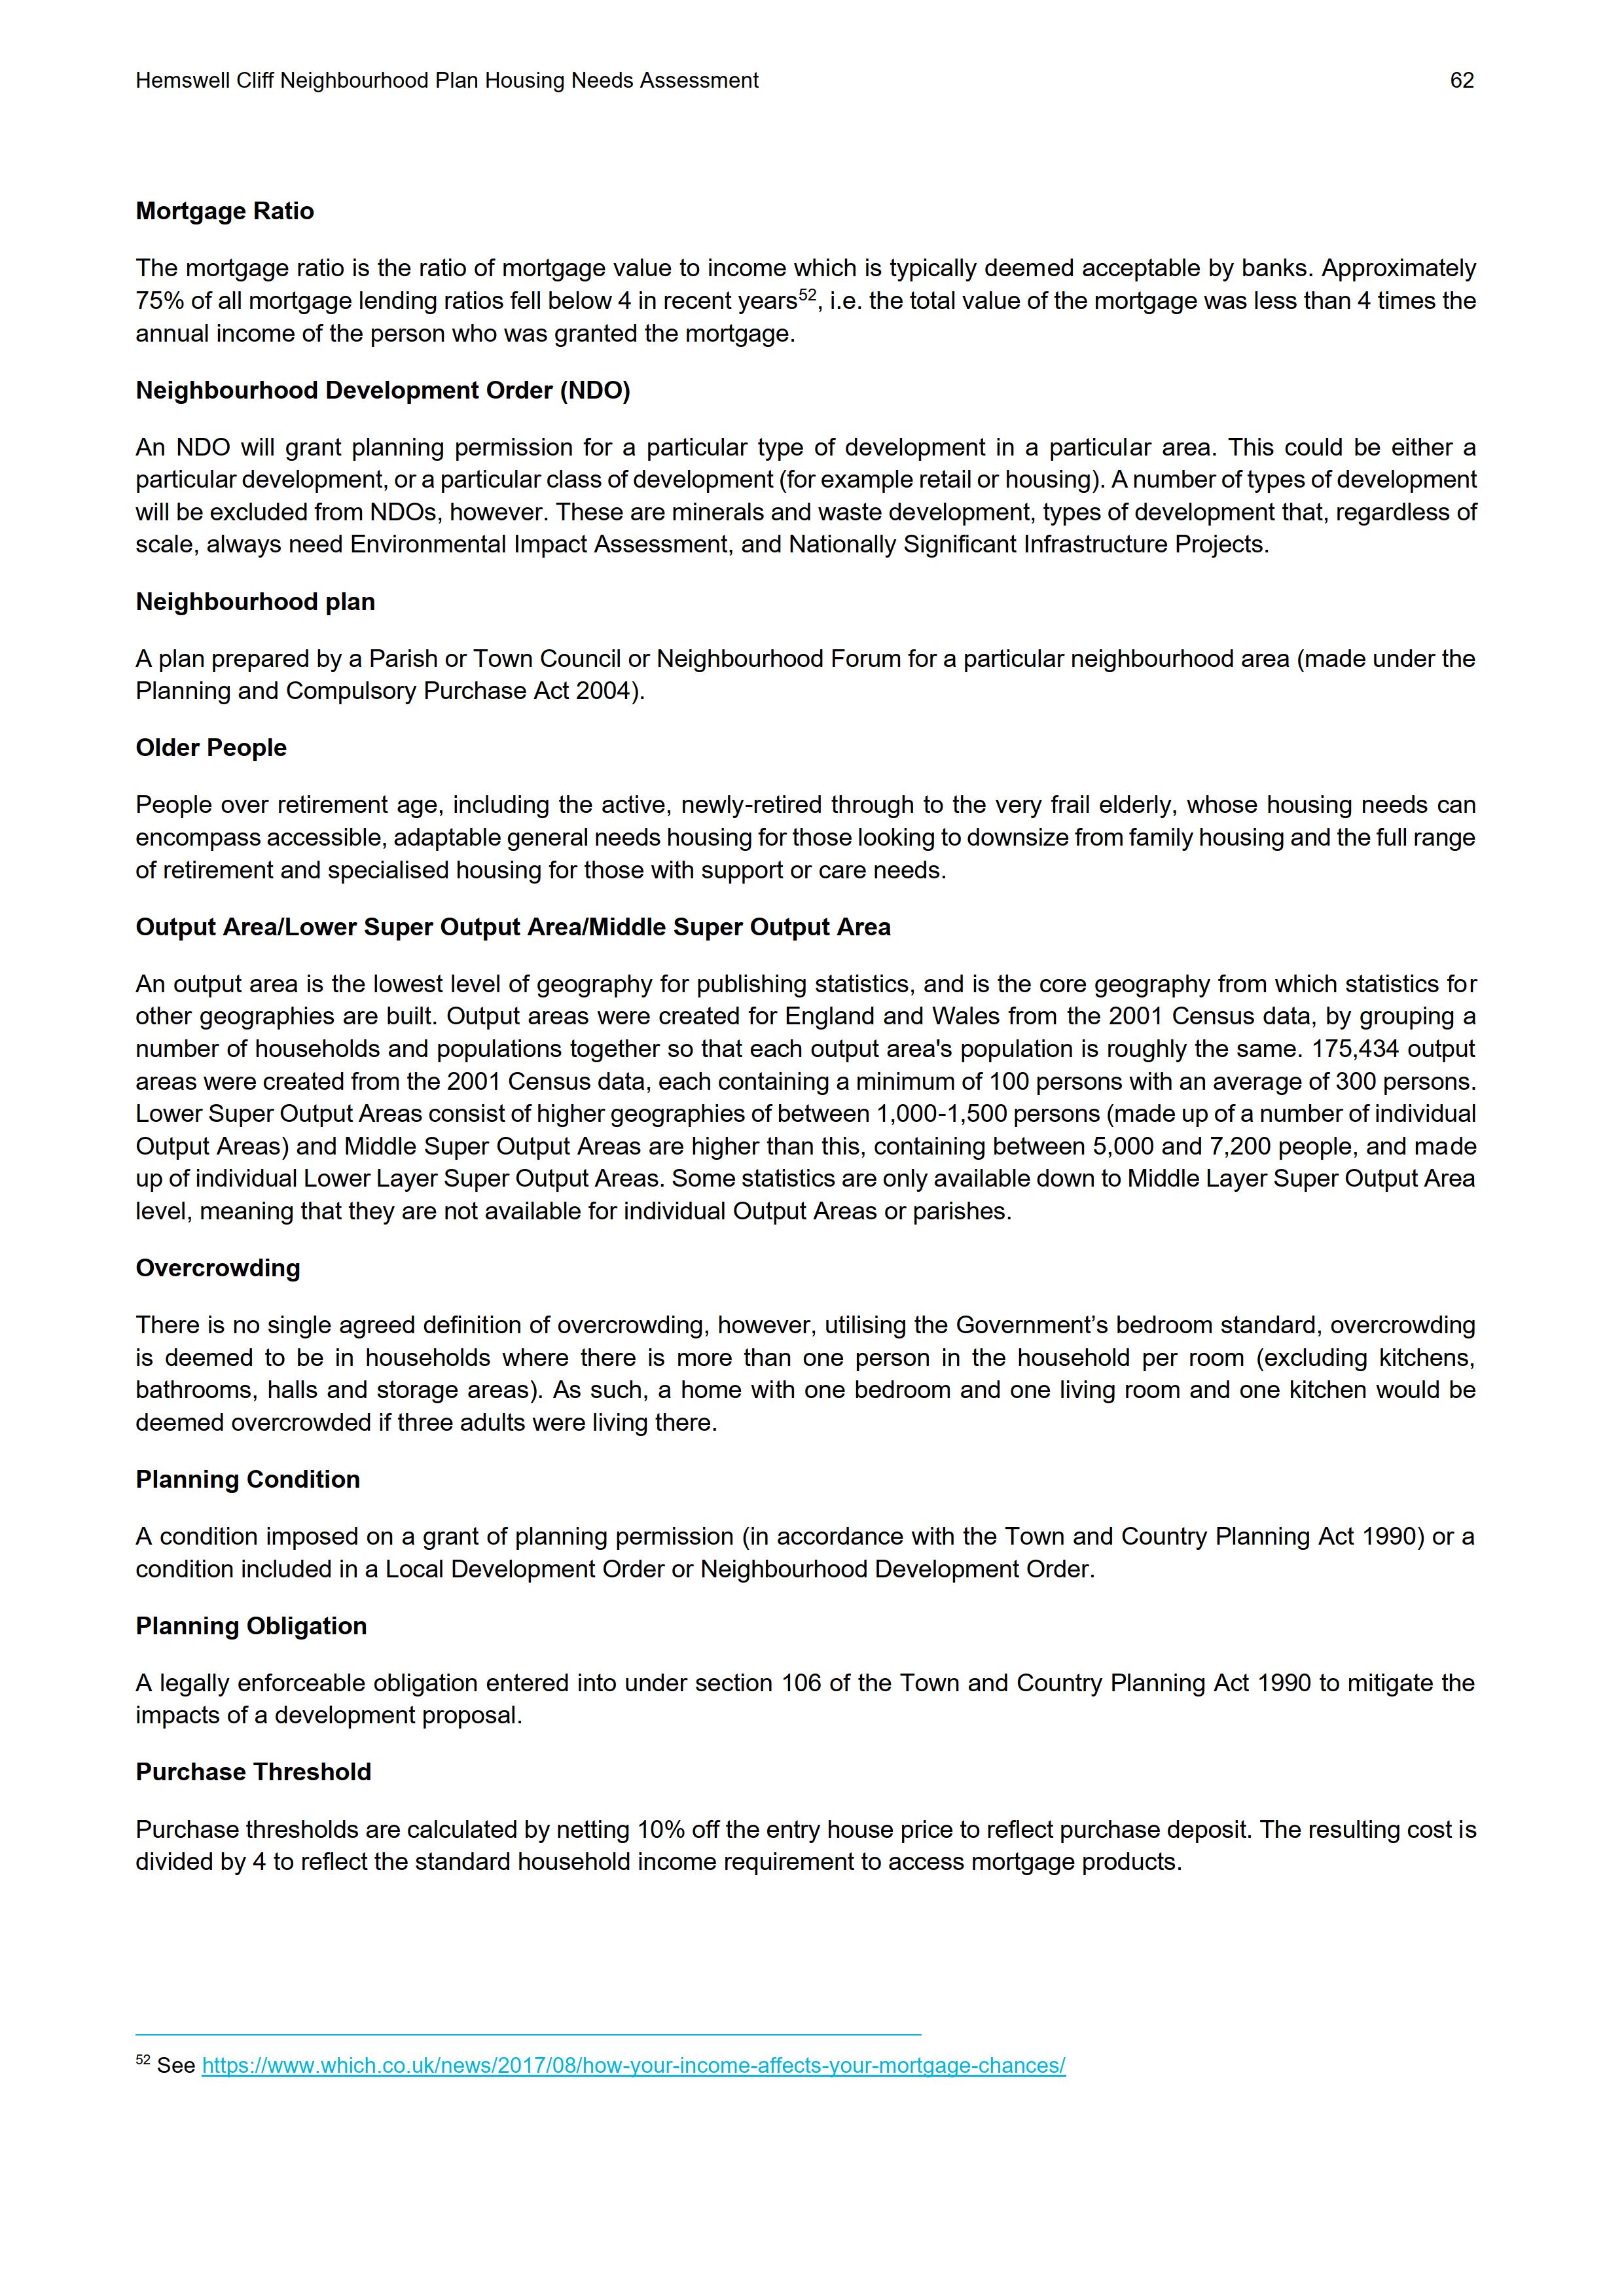 Hemswell_Cliff_Housing_Needs_Assessment_Final_62.png